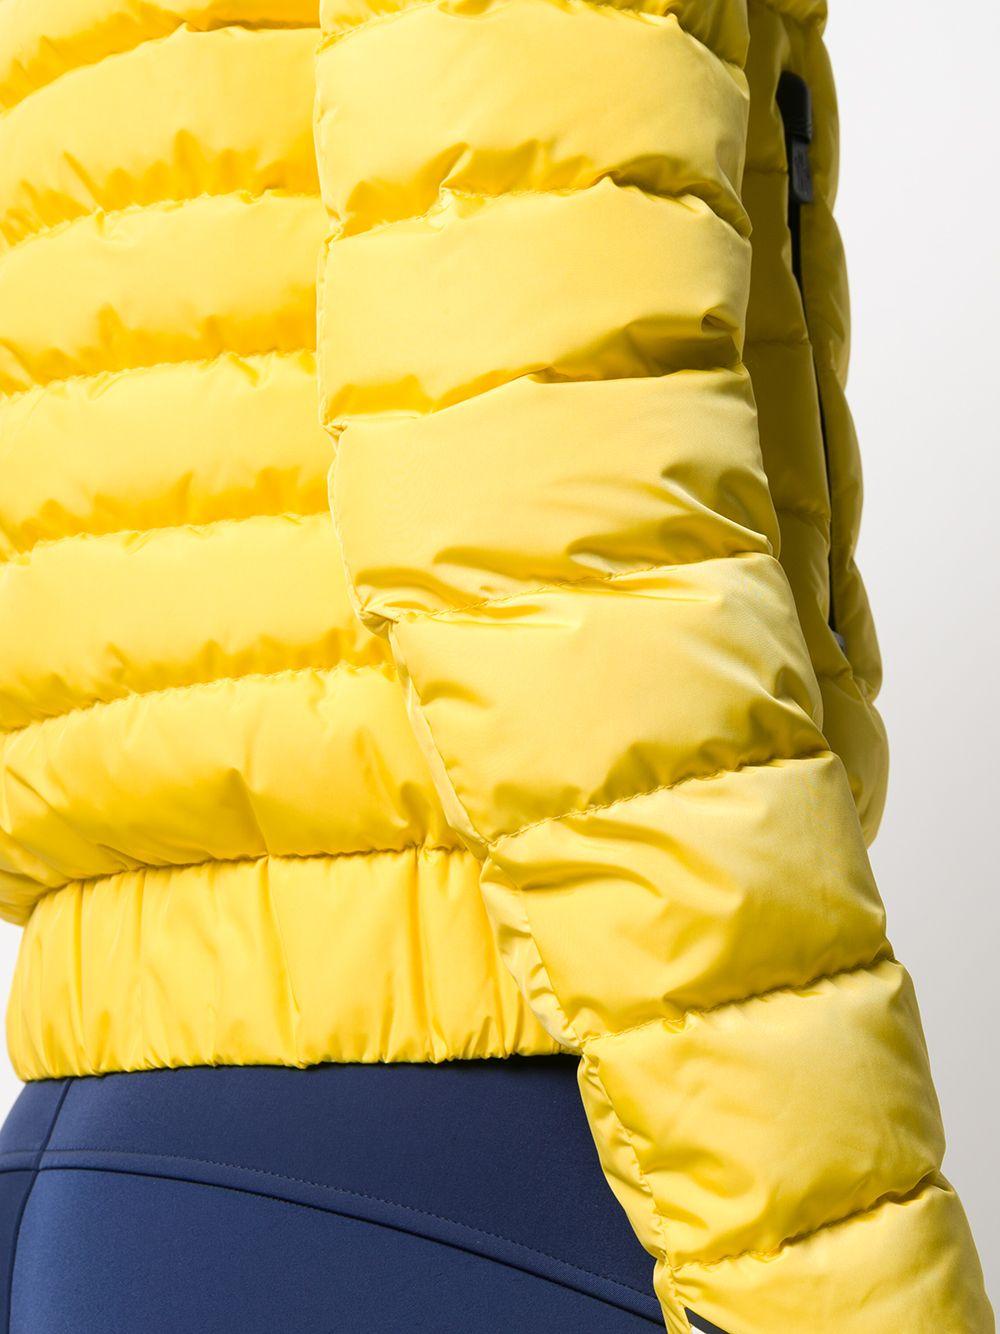 Piumino giallo a maniche lunghe in piuma d'oca con collo a imbuto MONCLER GRENOBLE   Giubbini   VONNE 1A524-00-5399E107